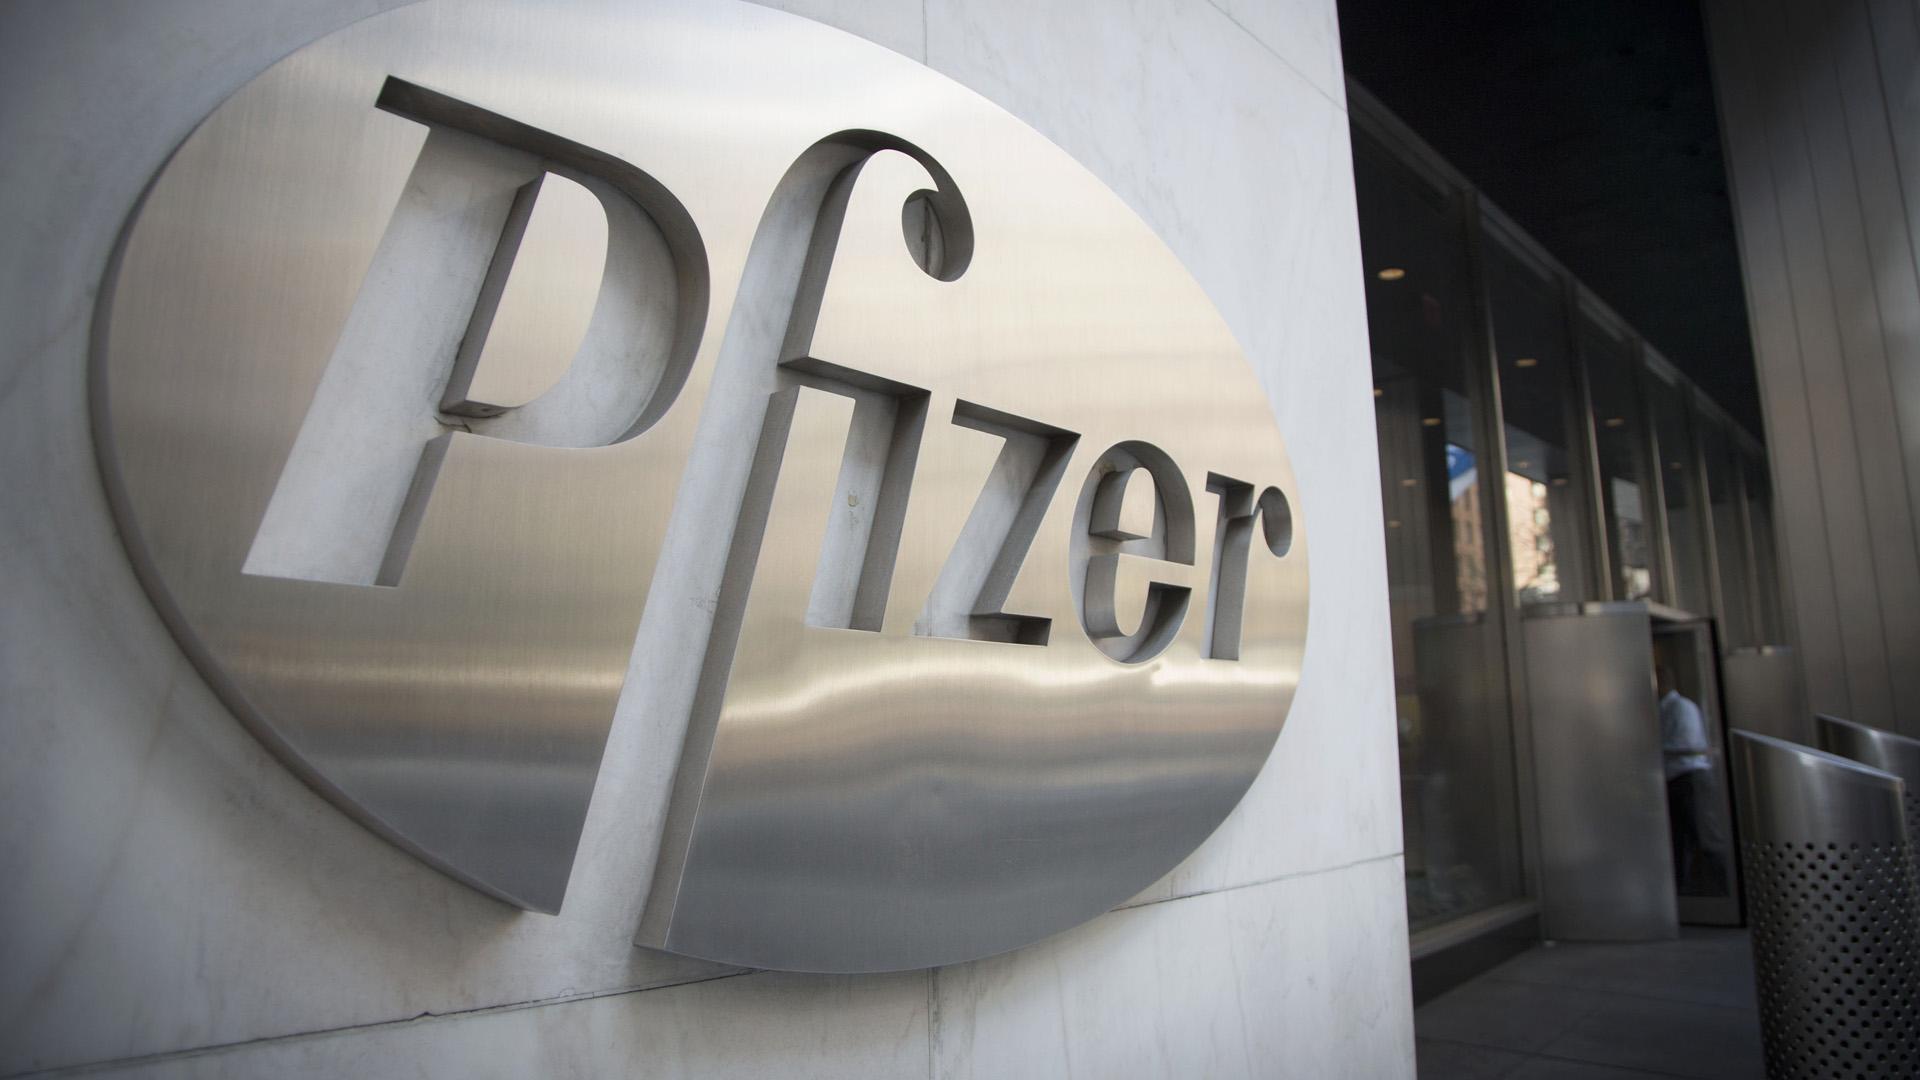 La unión de las dos compañías formaría el mayor fabricante de medicamentos del mundo